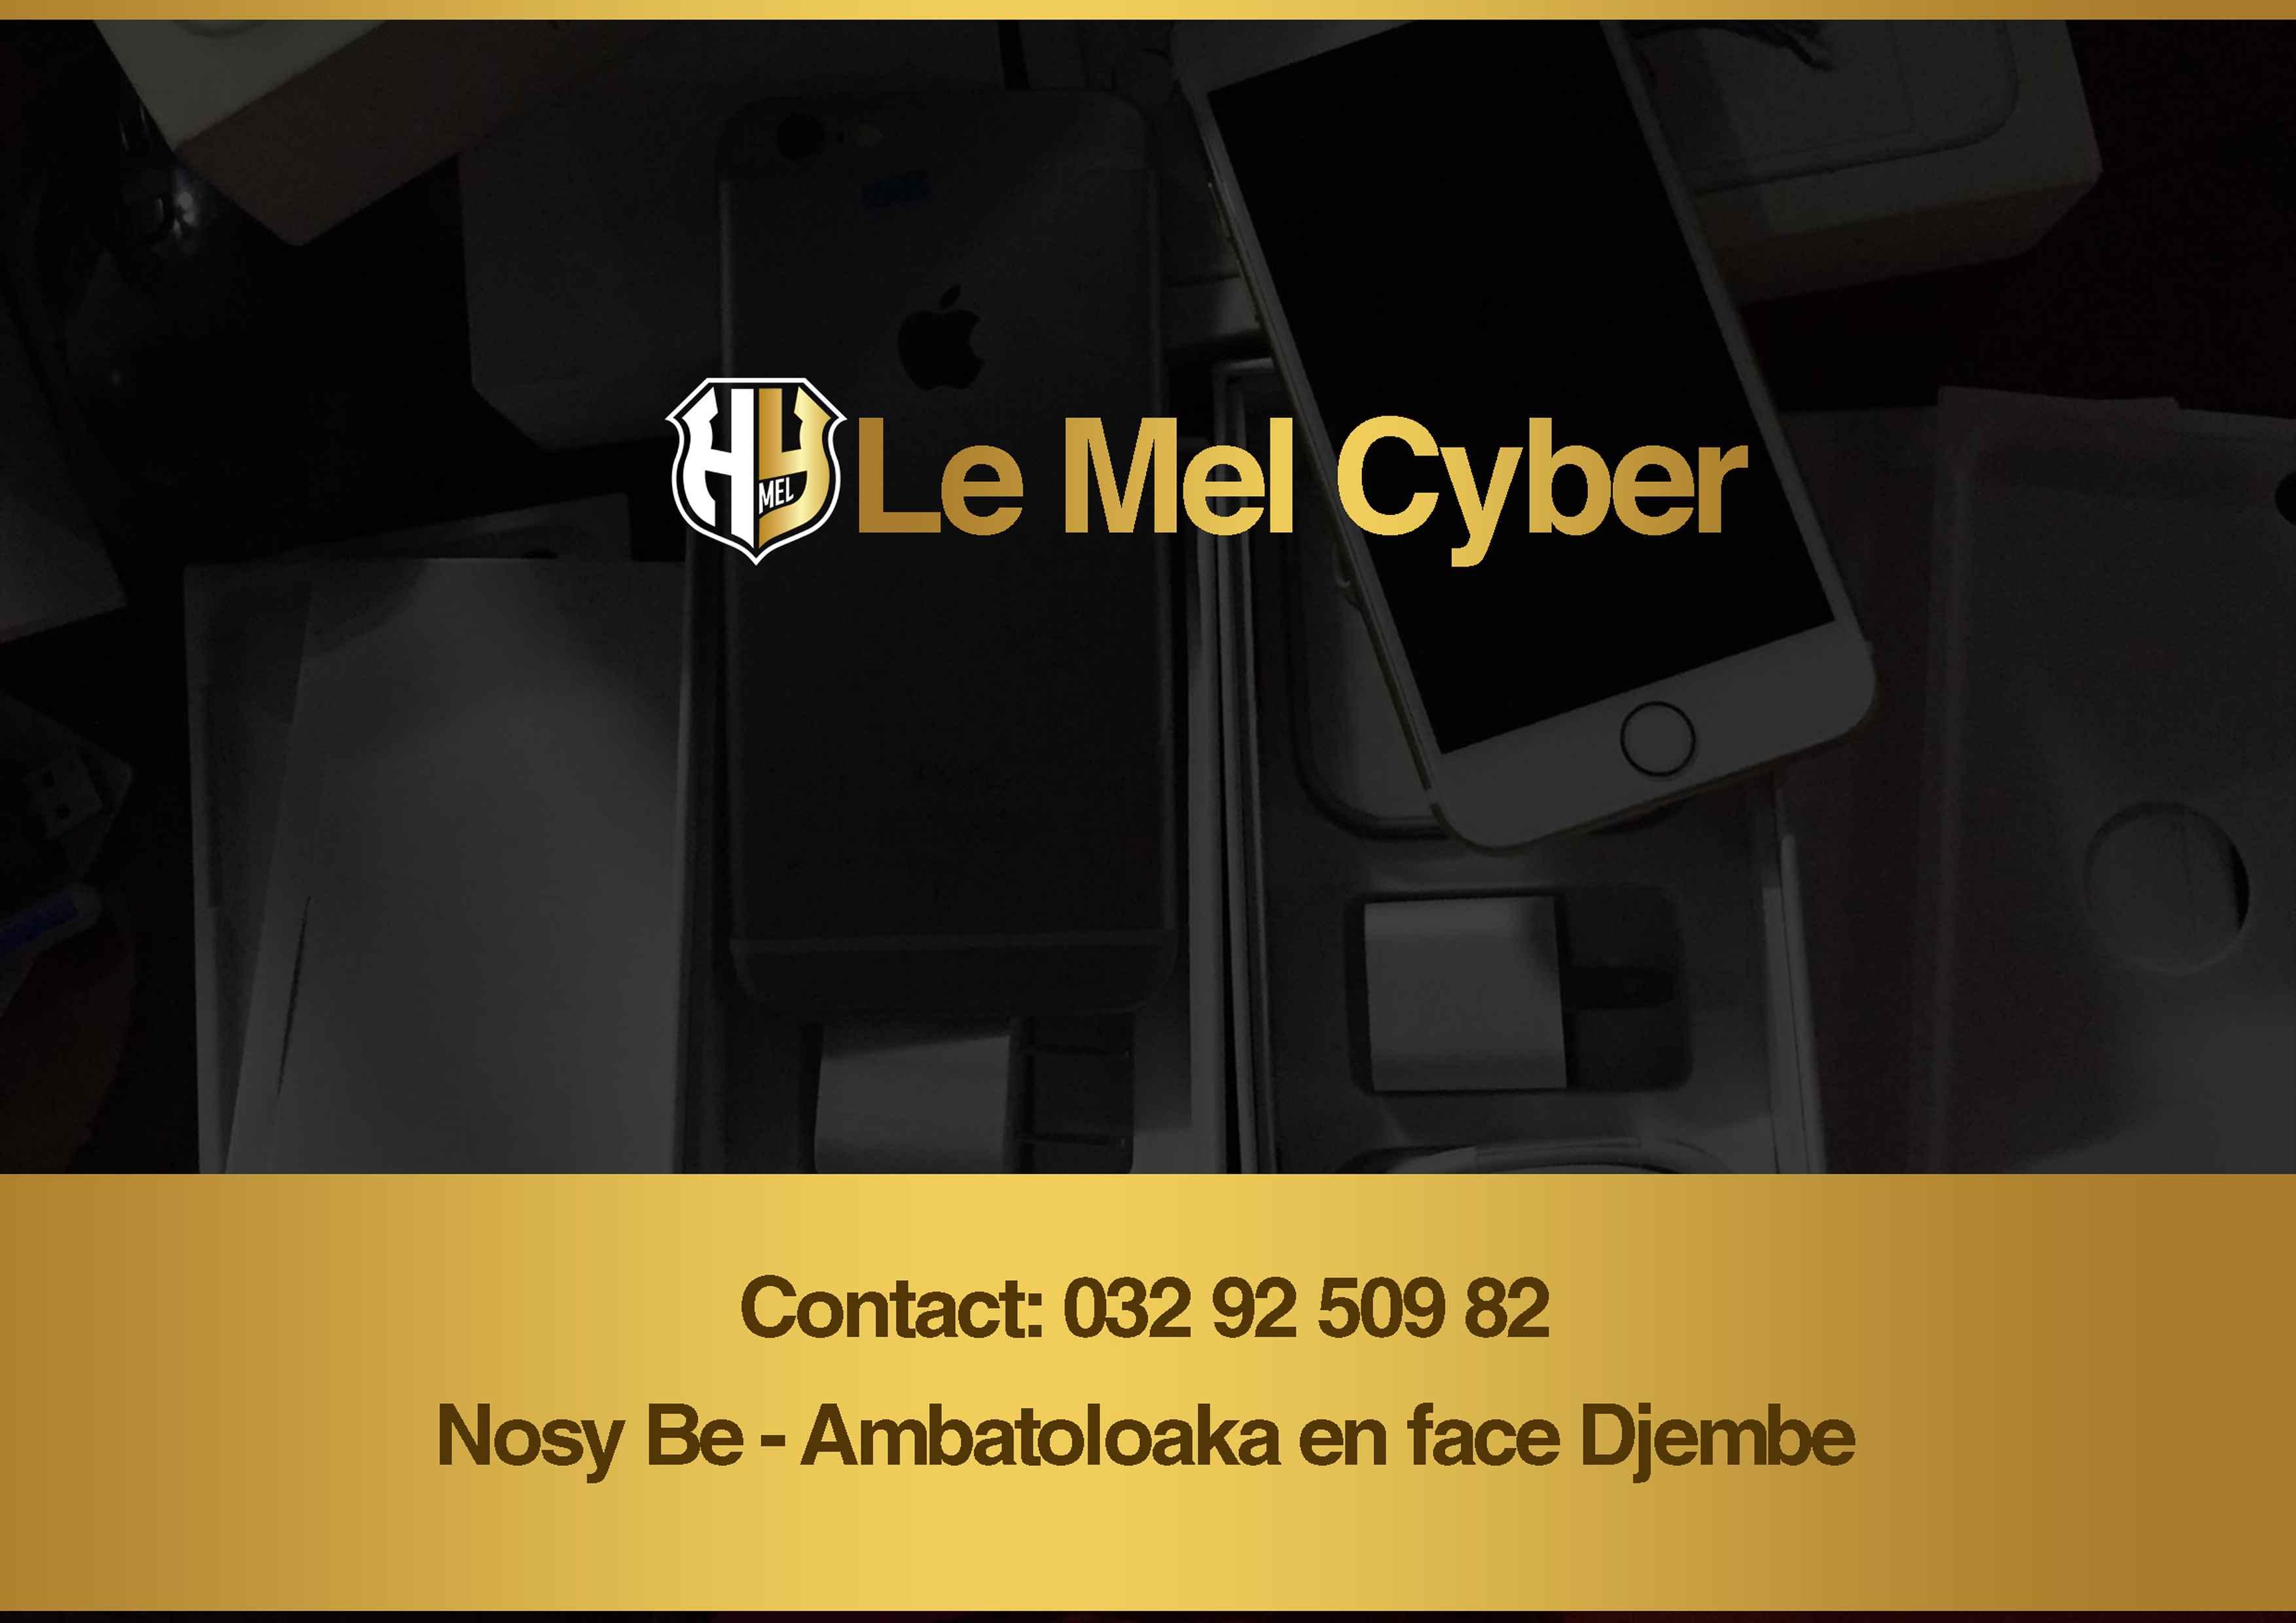 Le MEL Cyber